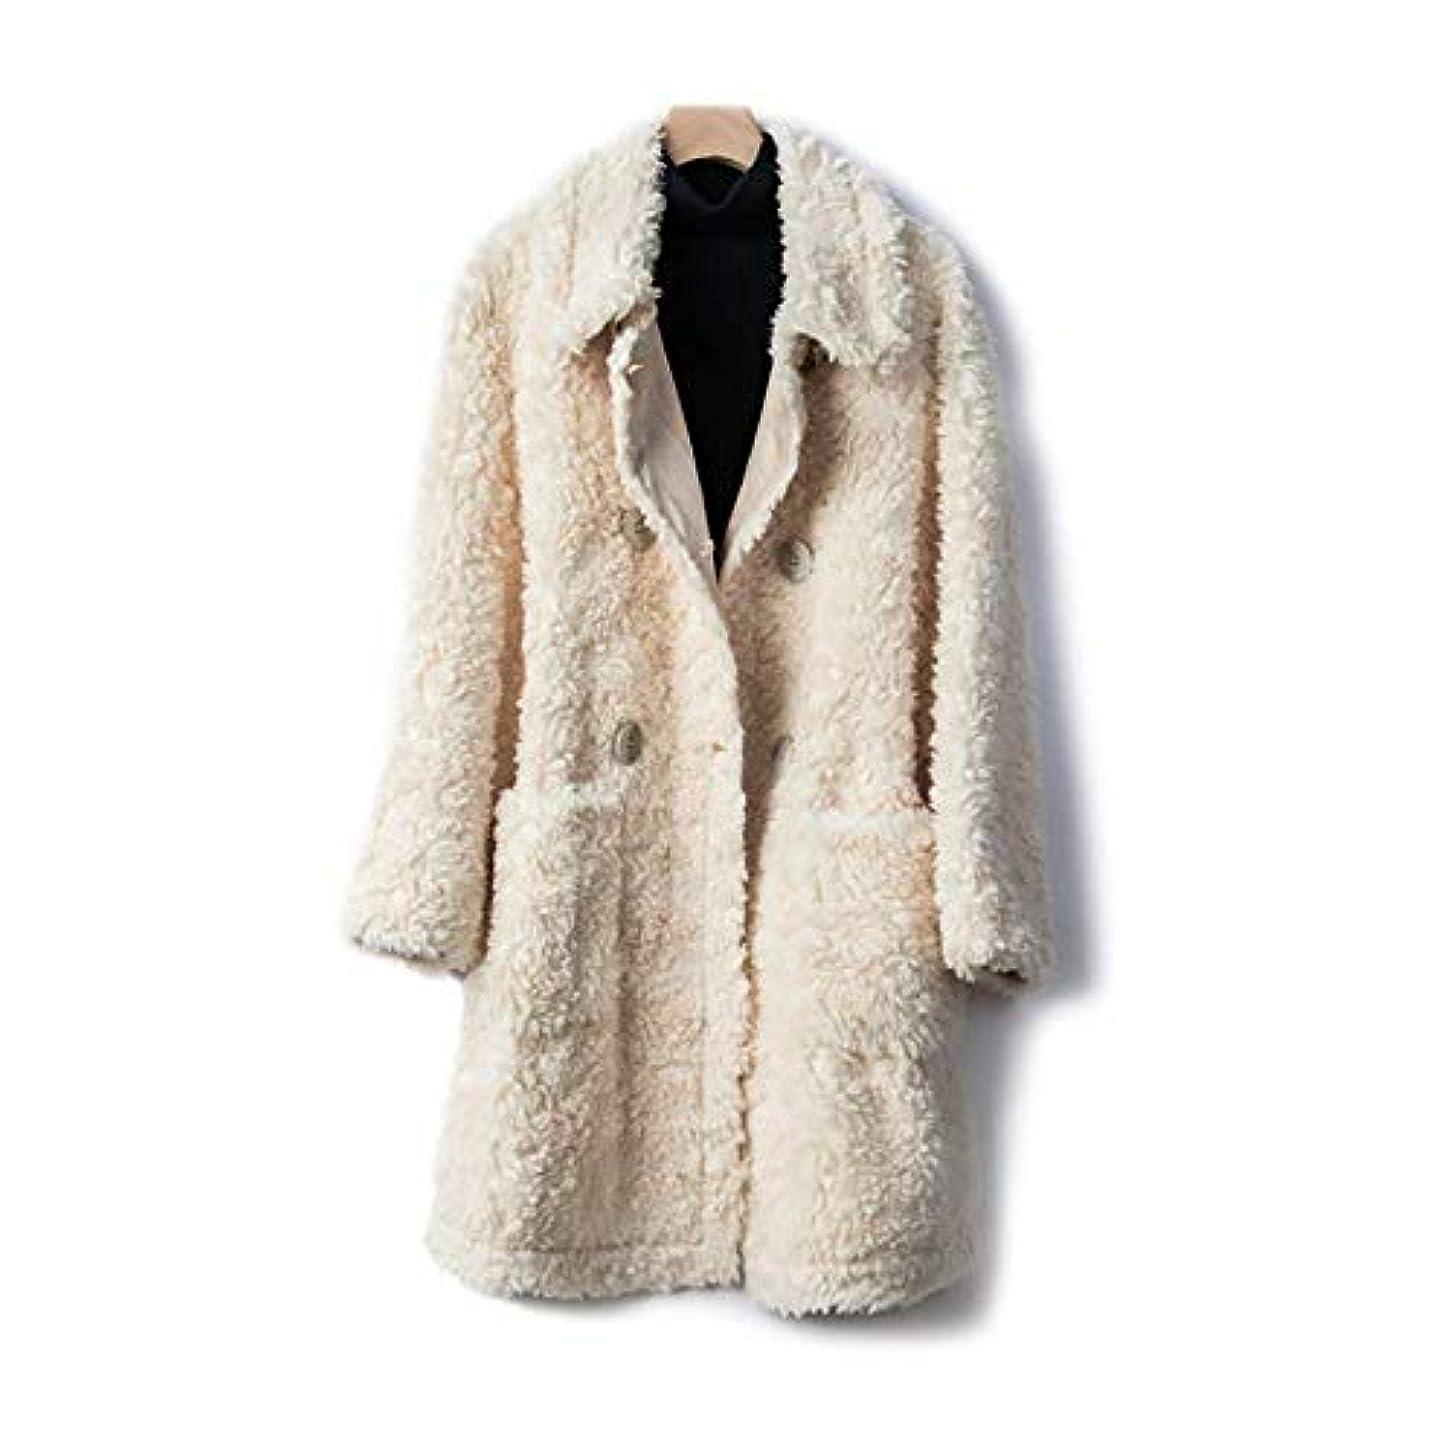 鎮静剤協定エスカレートウールコート、ダブルブレストウールコートコート19秋と冬婦人服婦人ジャケット婦人コート婦人ウインドブレーカージャケット,D,M